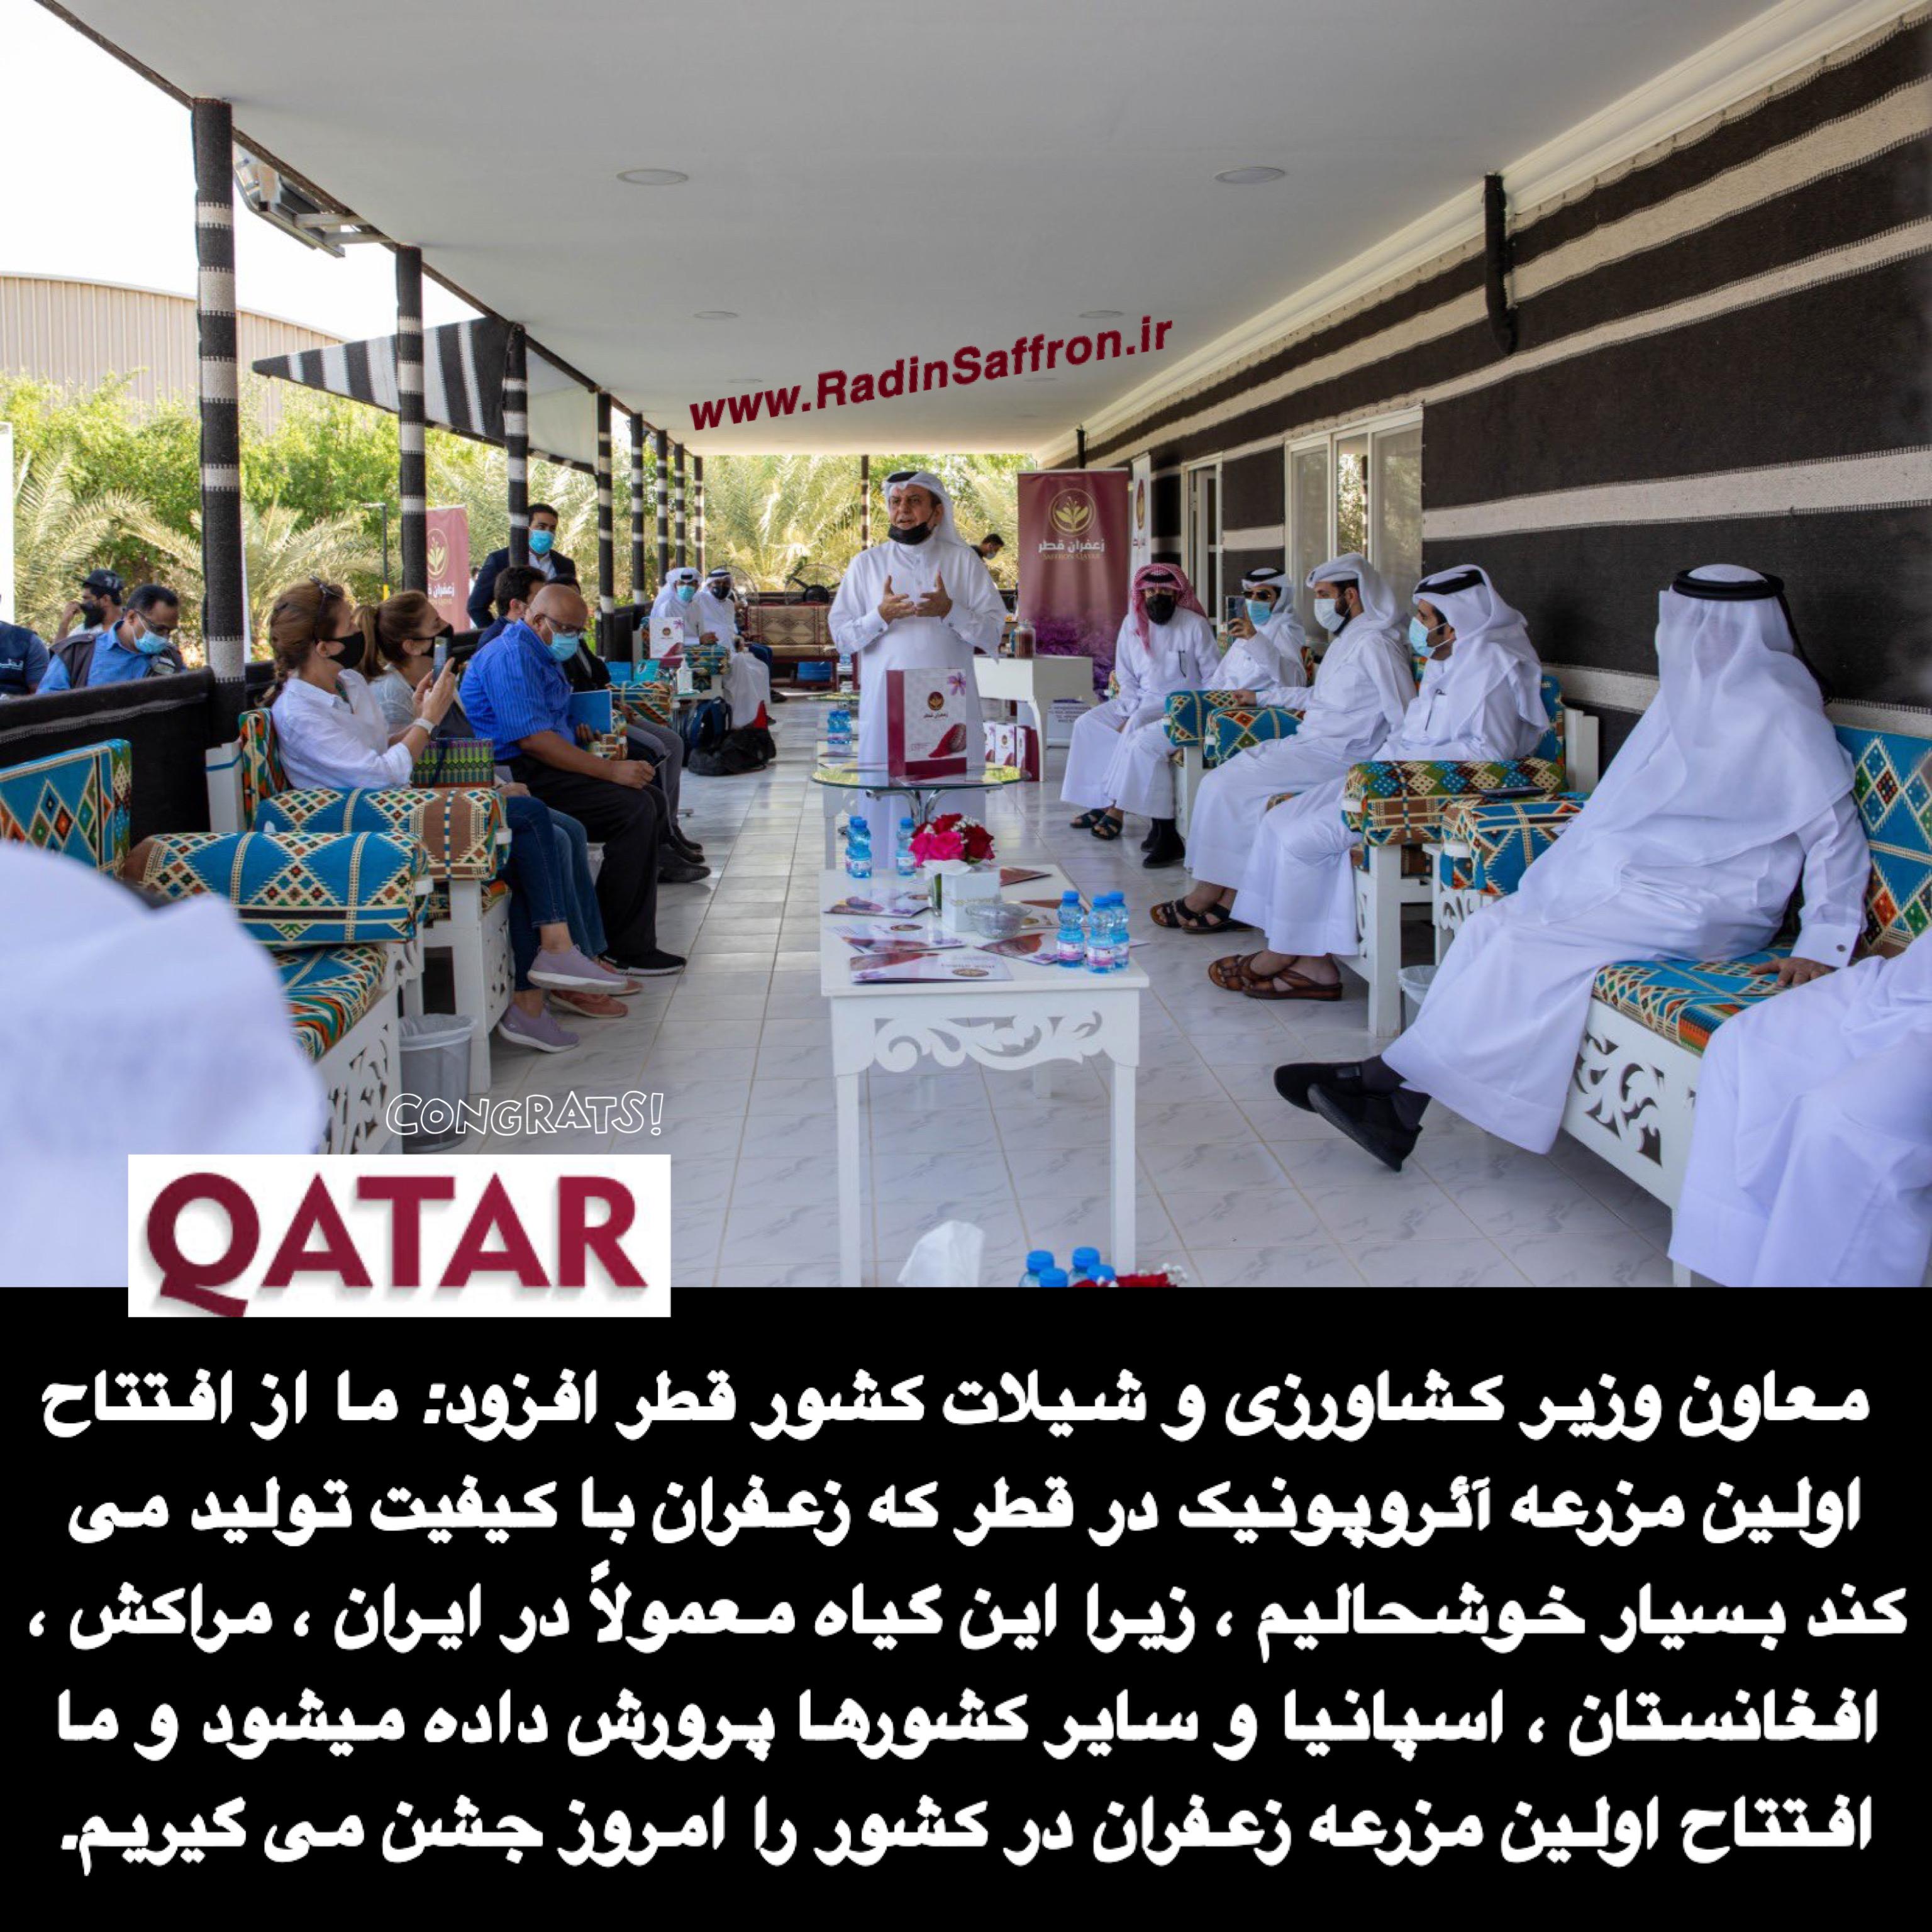 کشت گلخانه ای زعفران در قطر